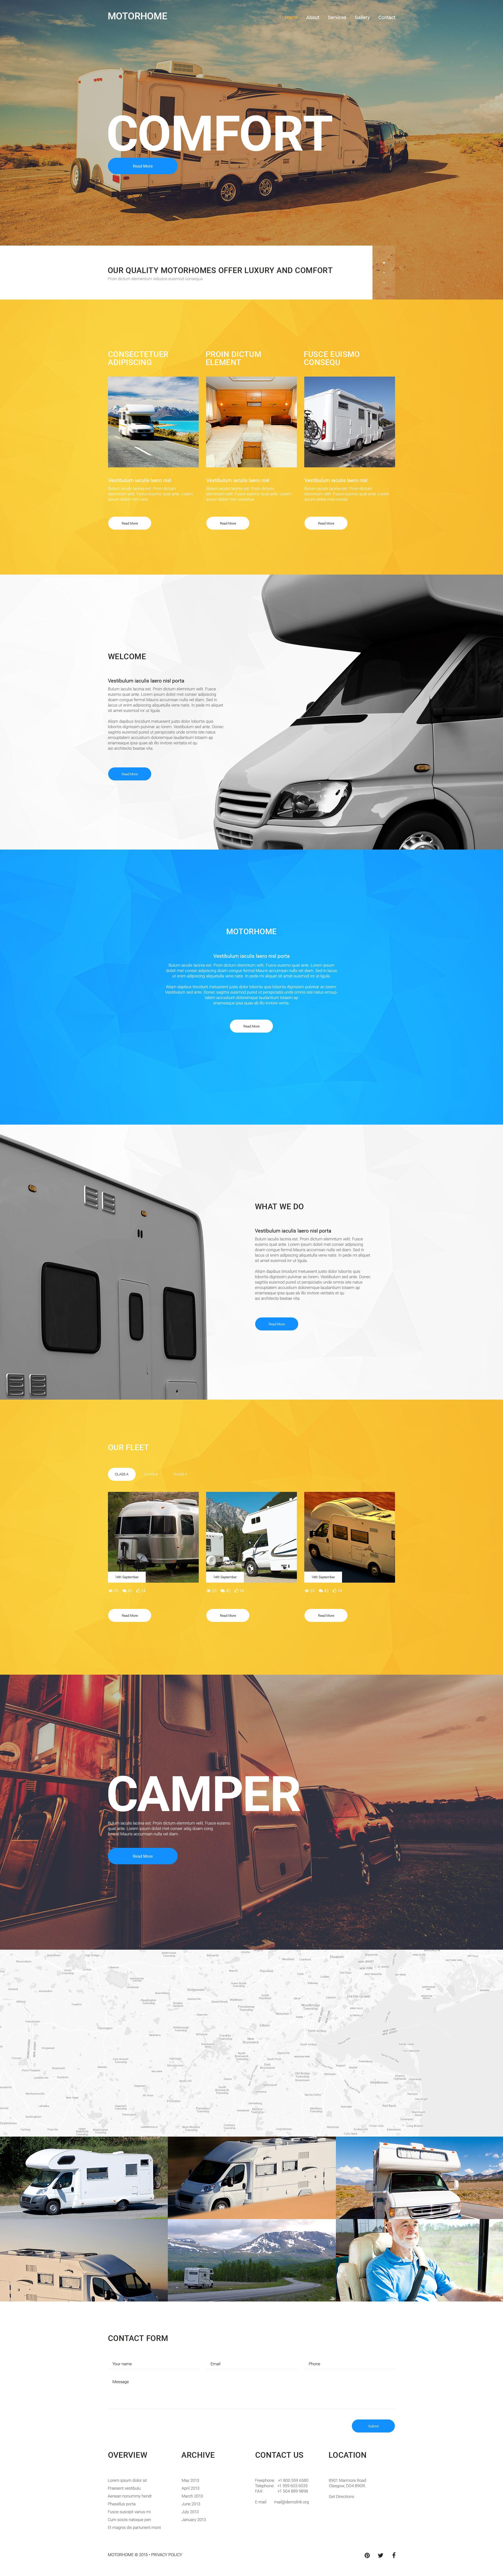 Motorhome Website Template - screenshot